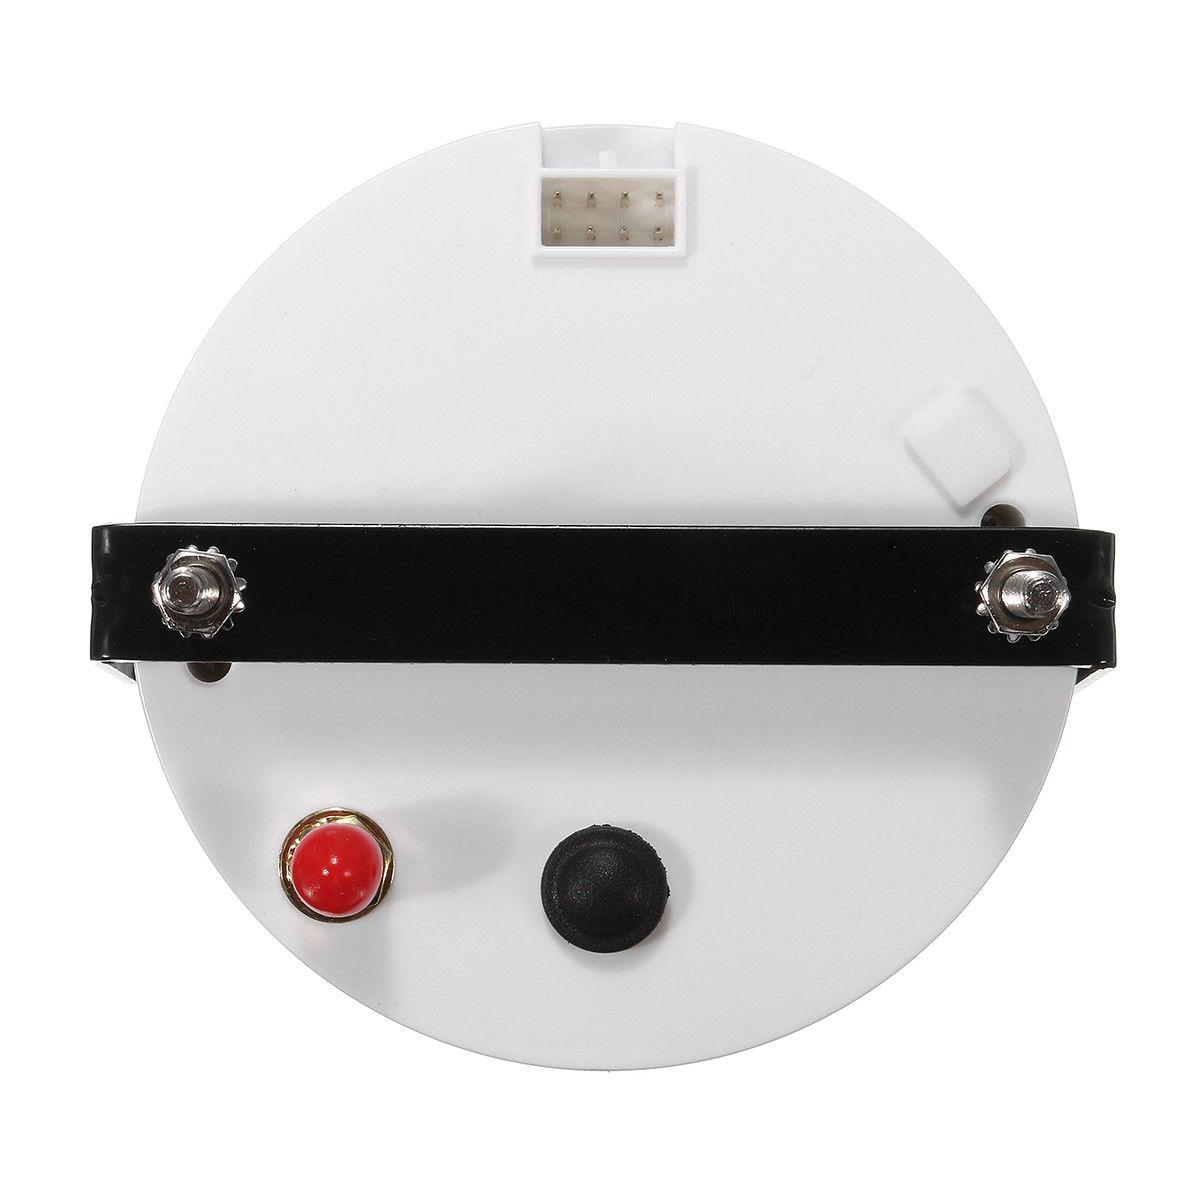 Jauges numériques imperméables automatiques de compteur de vitesse de Gps de moteur de voiture de 85Mm 200 Km/H - 4